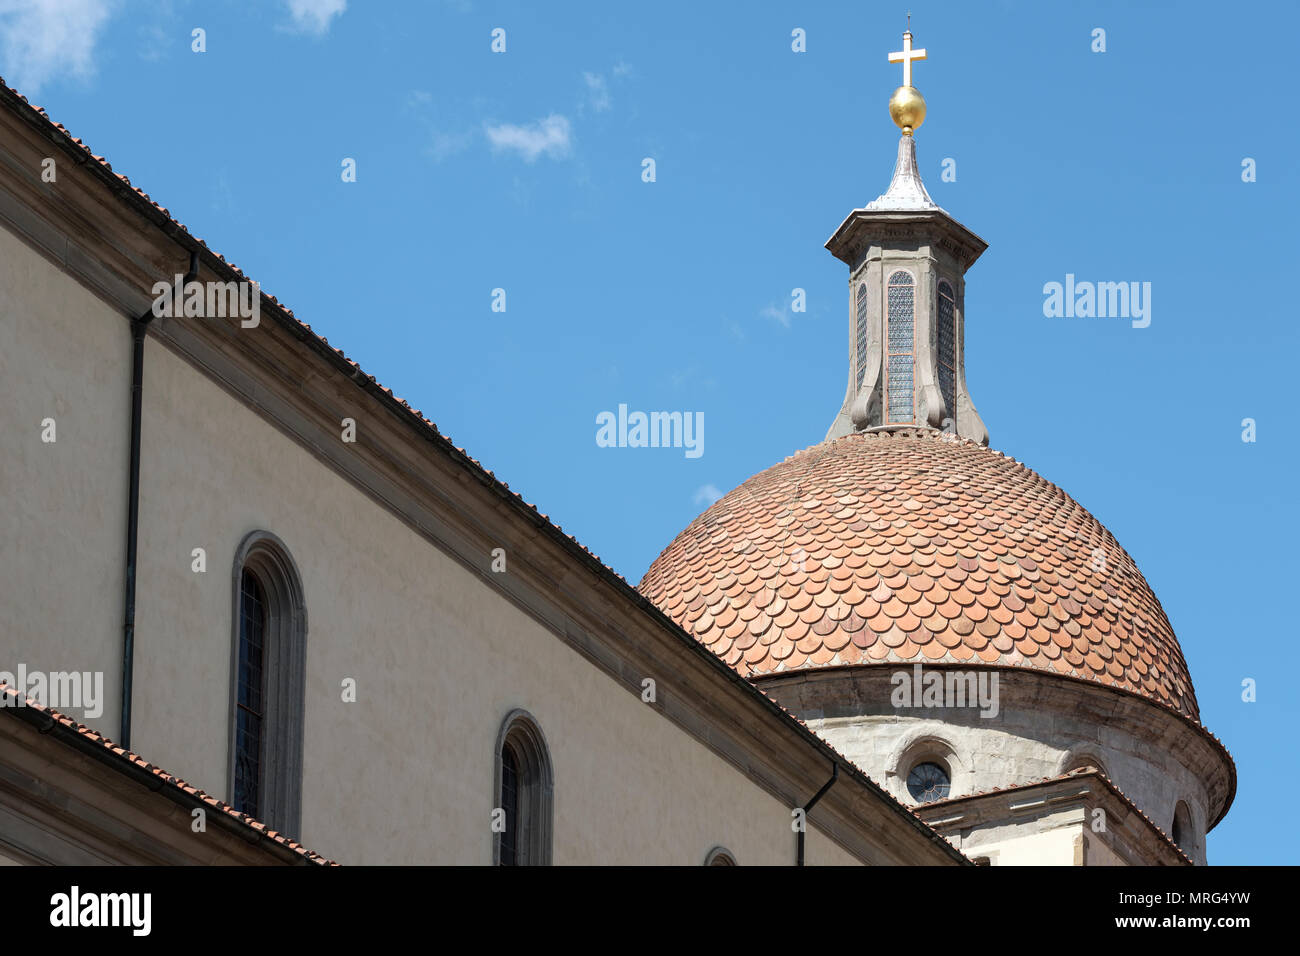 Basilica di Santo Spirito, Oltrarno quarter, Piazza Santo Spirito, Florence, Tuscany, Italy, Europe, Stock Photo